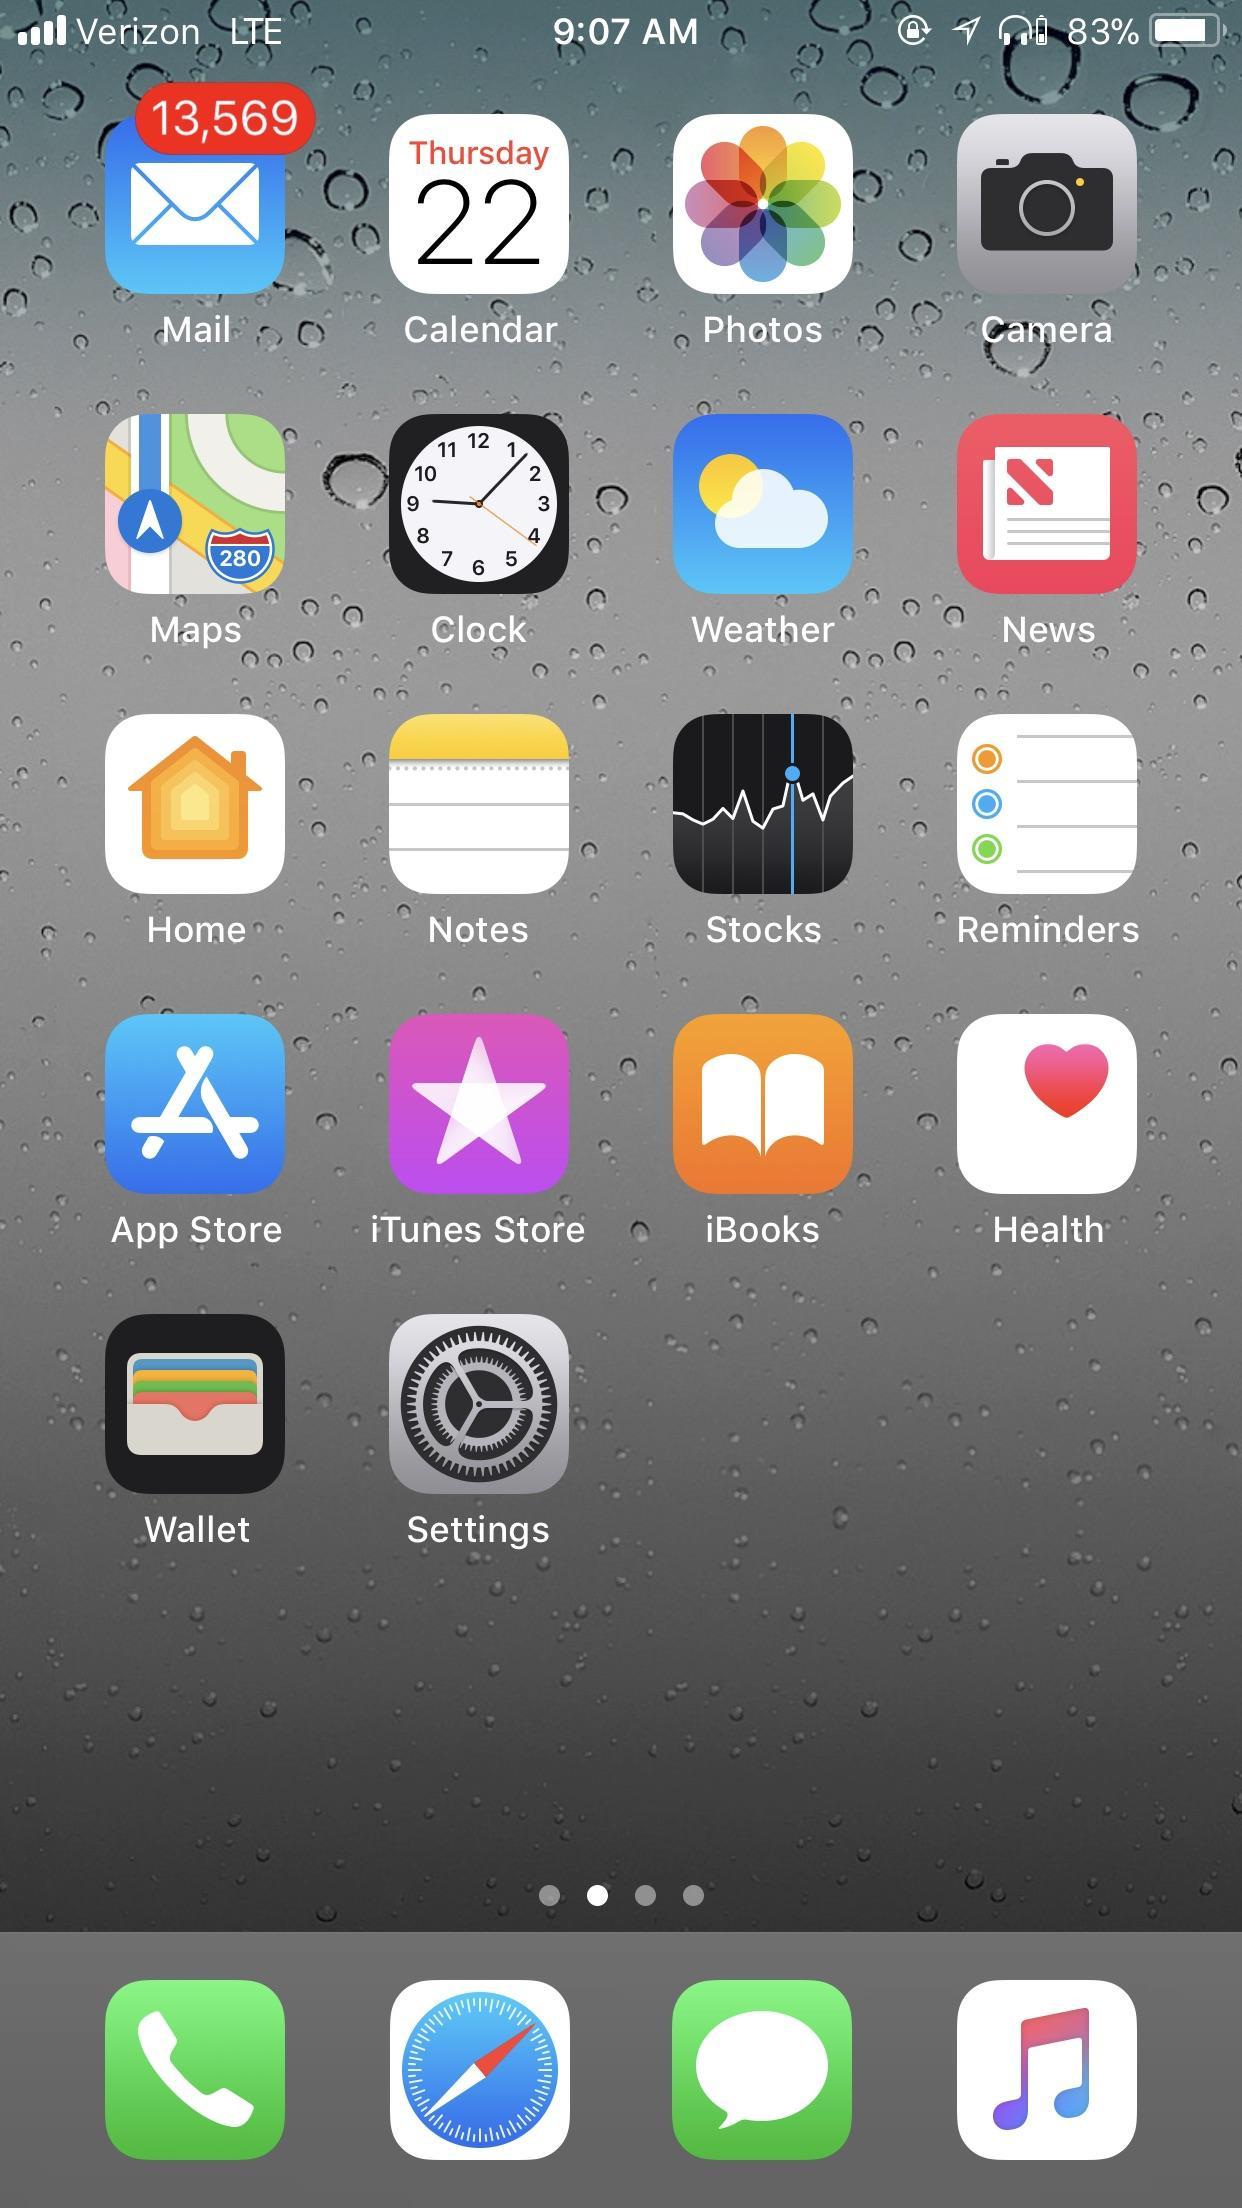 Iphone 11 Home Screen Screenshot 1242x2208 Wallpaper Teahub Io